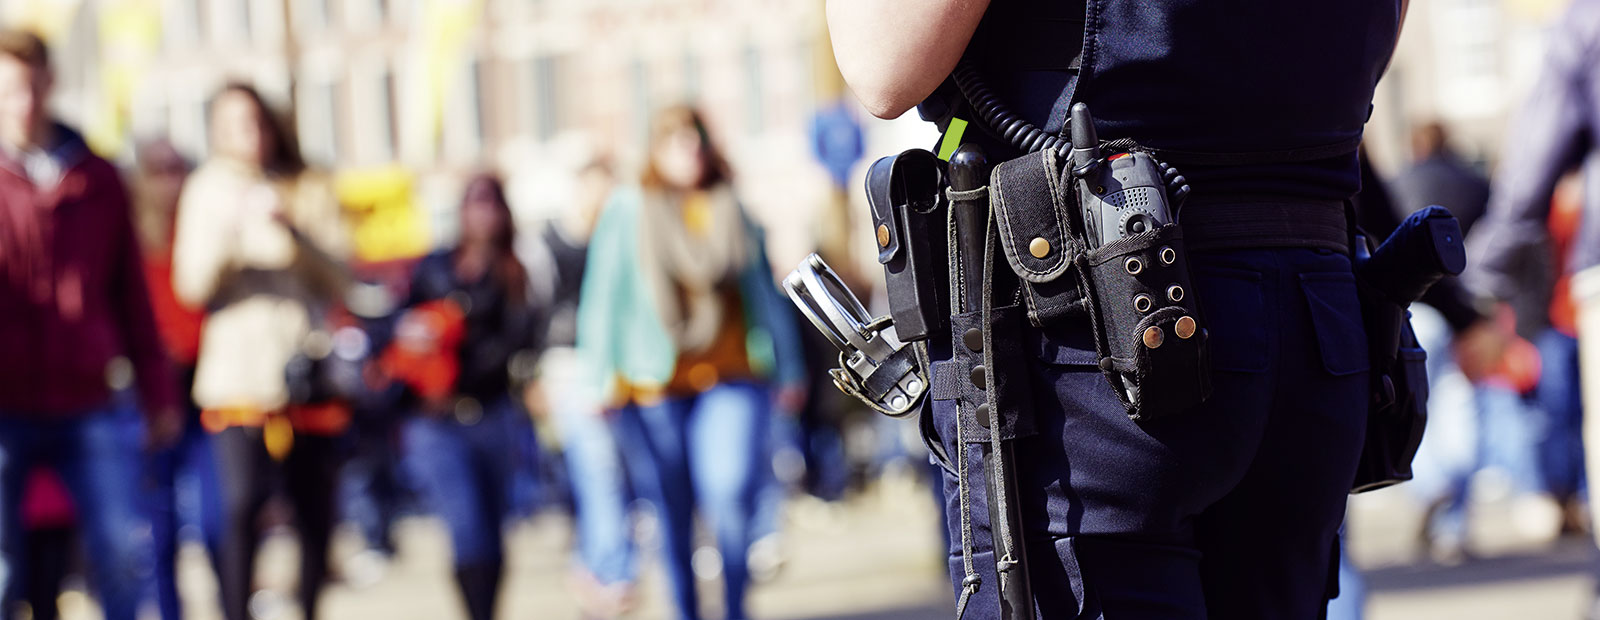 polizei in fussgaengerzone